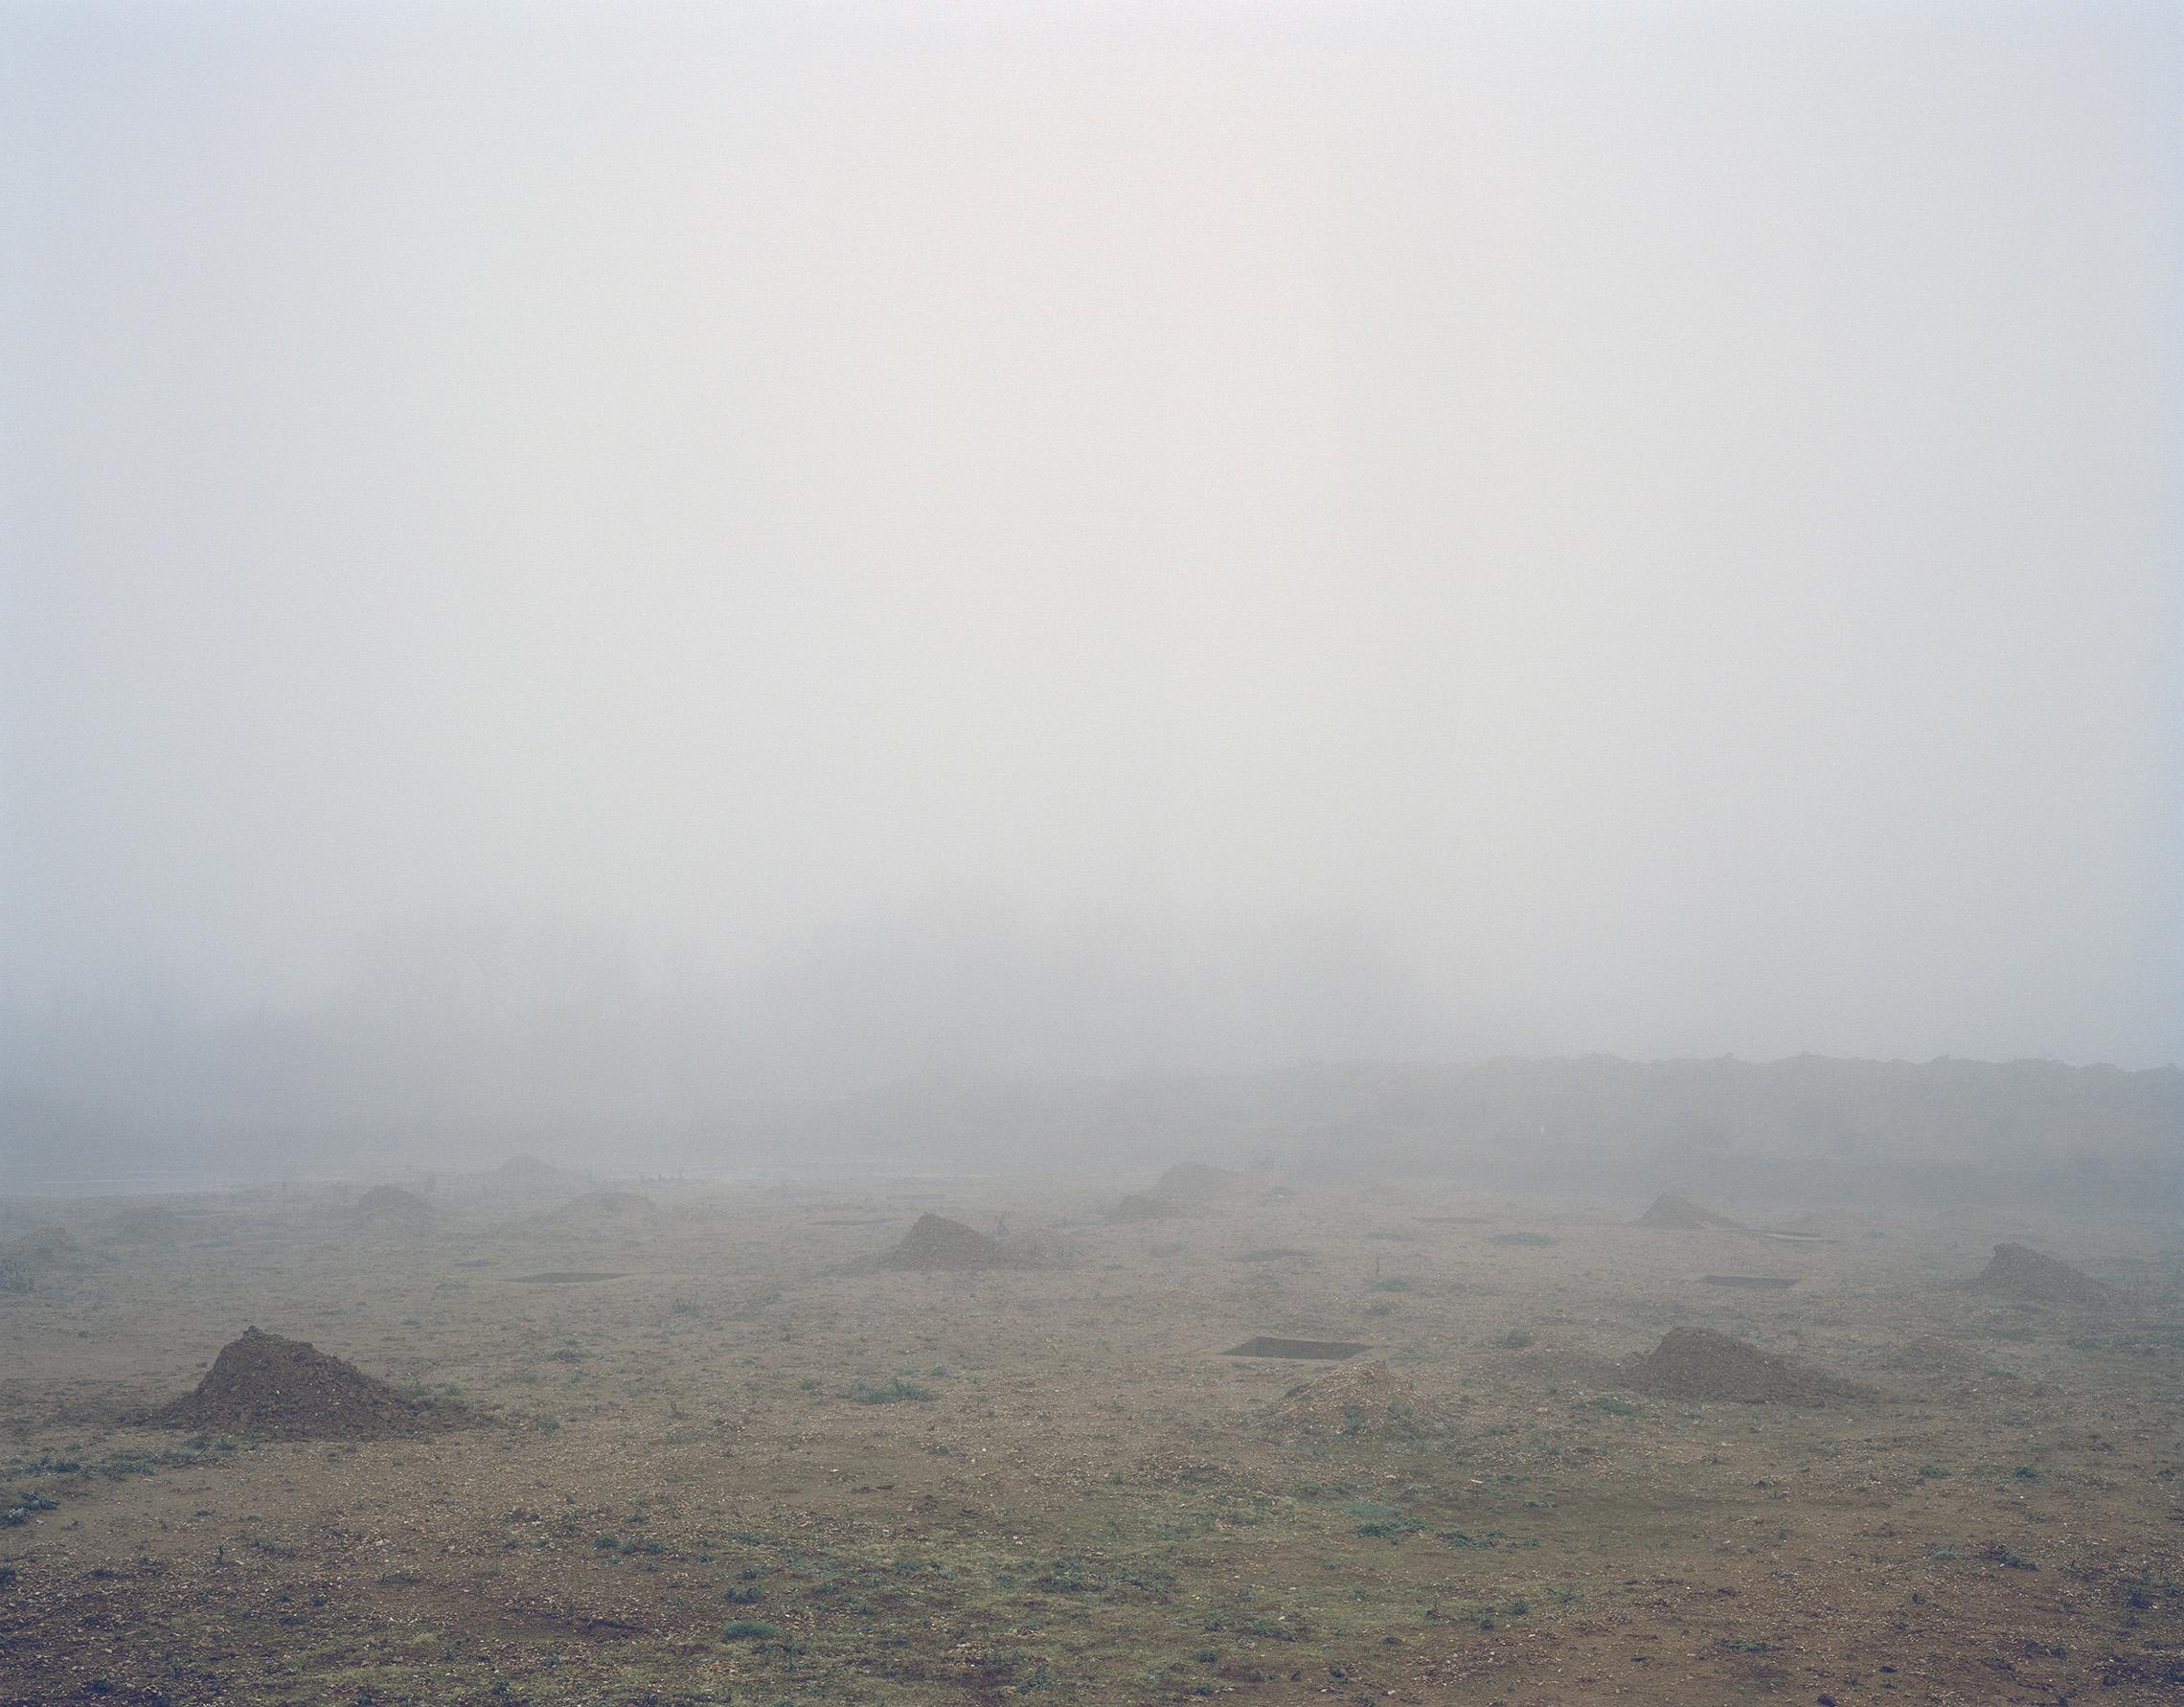 Tom-Lovelace-Site-407-Landscape-No.1.jpg